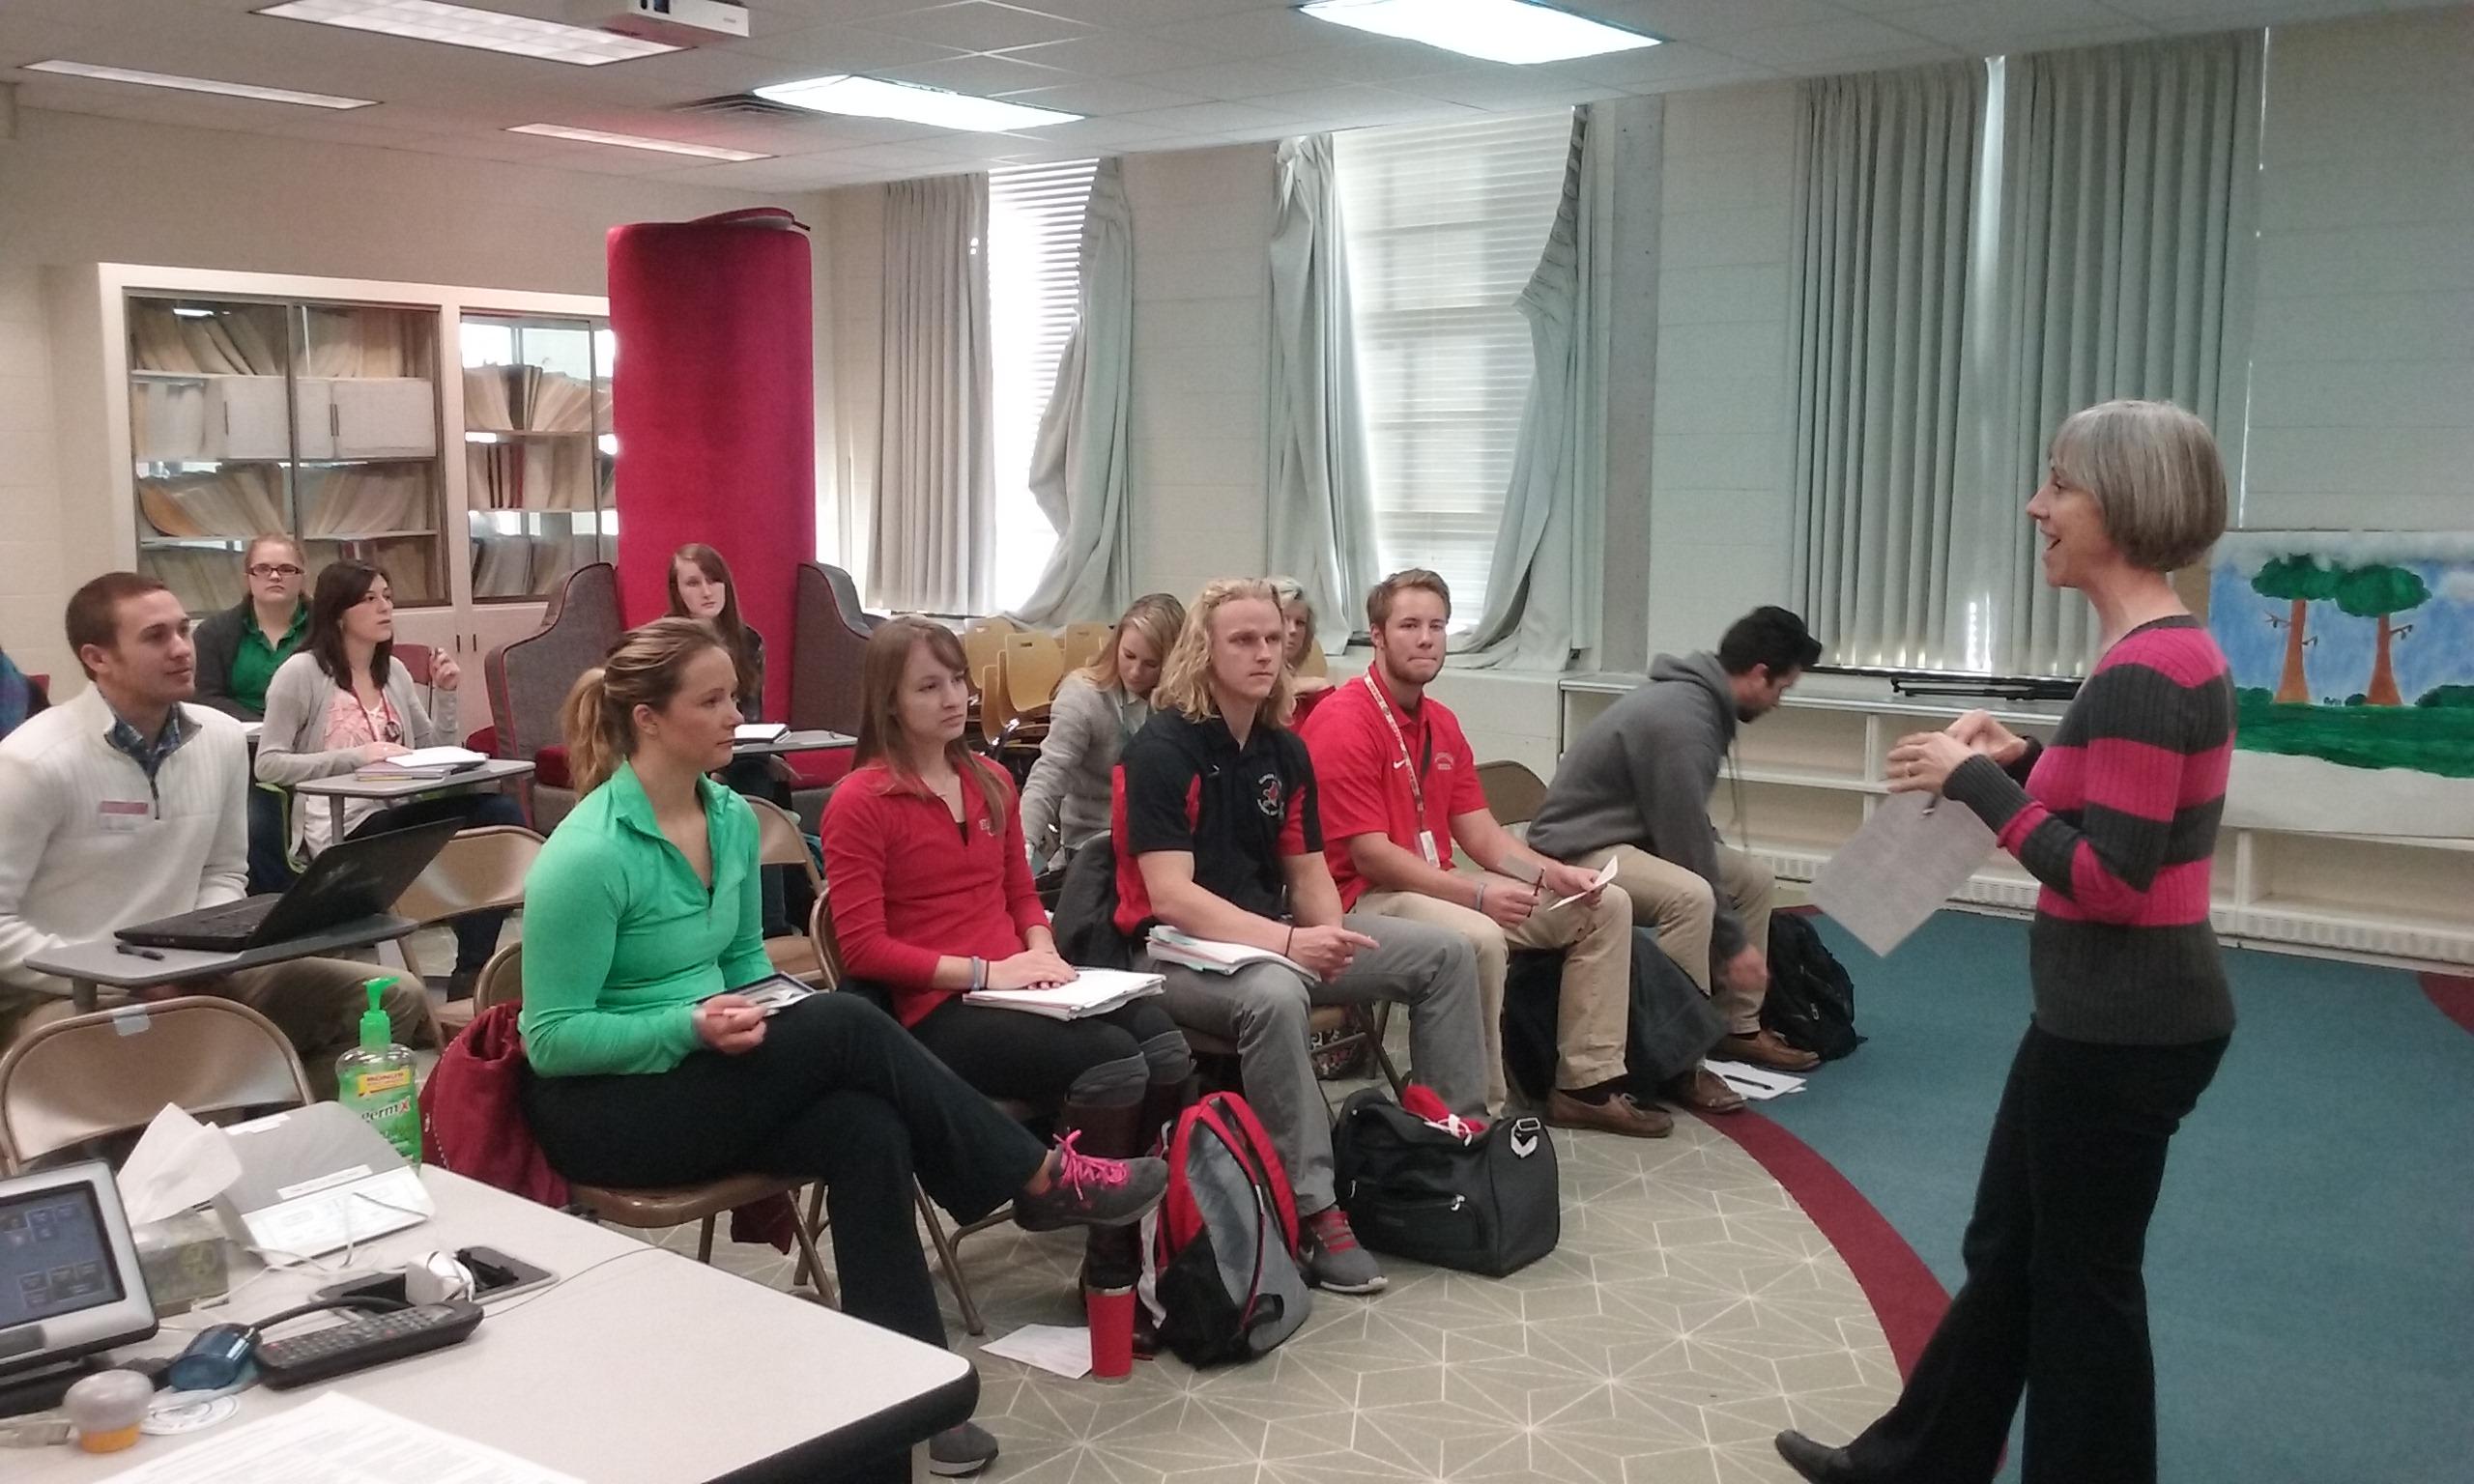 Lab Schools faculty in a classroom